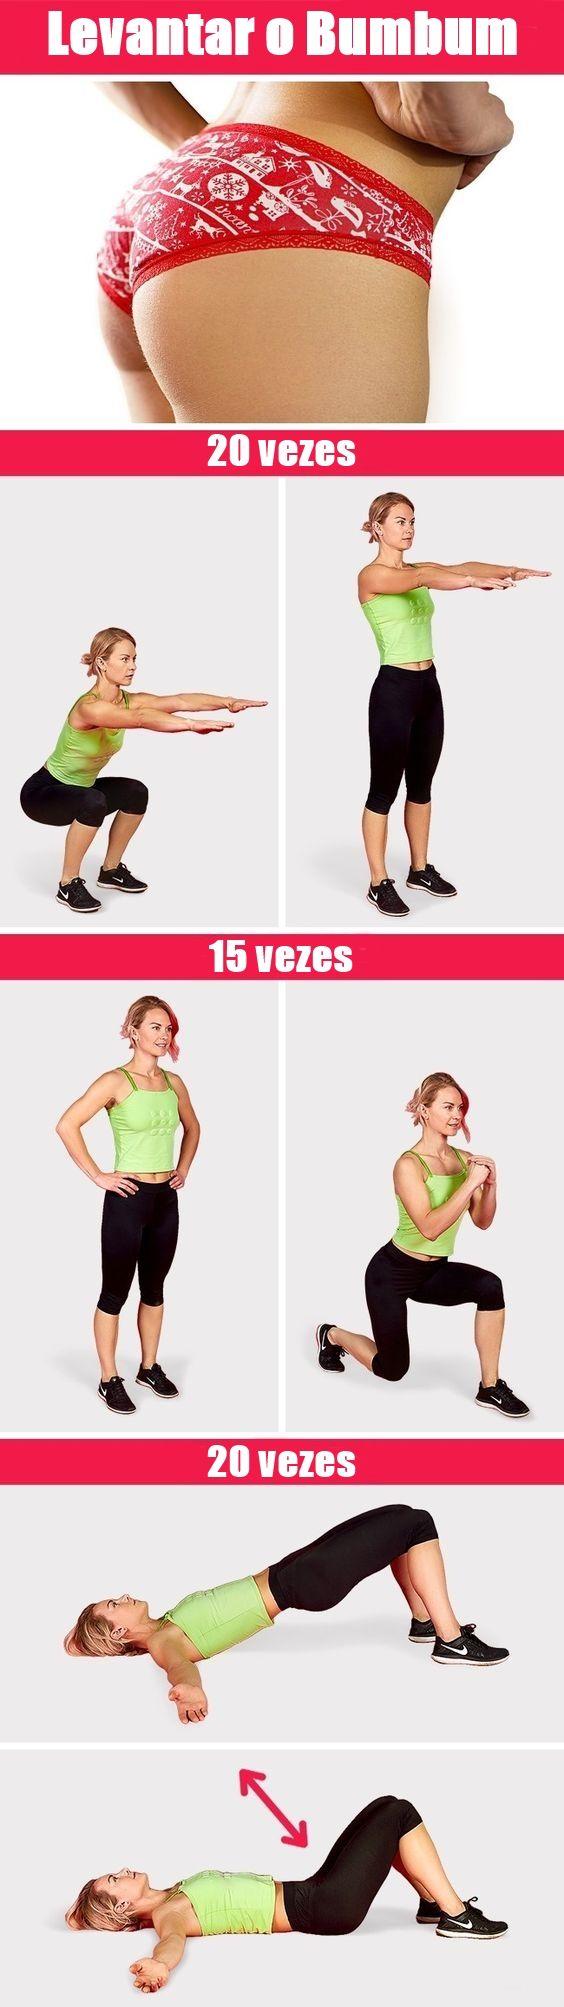 Os 6 Exercícios Para Levantar o Bumbum em Casa  #dicas  #adelgazar  #diet  #dieta  #saude  #health  #salud